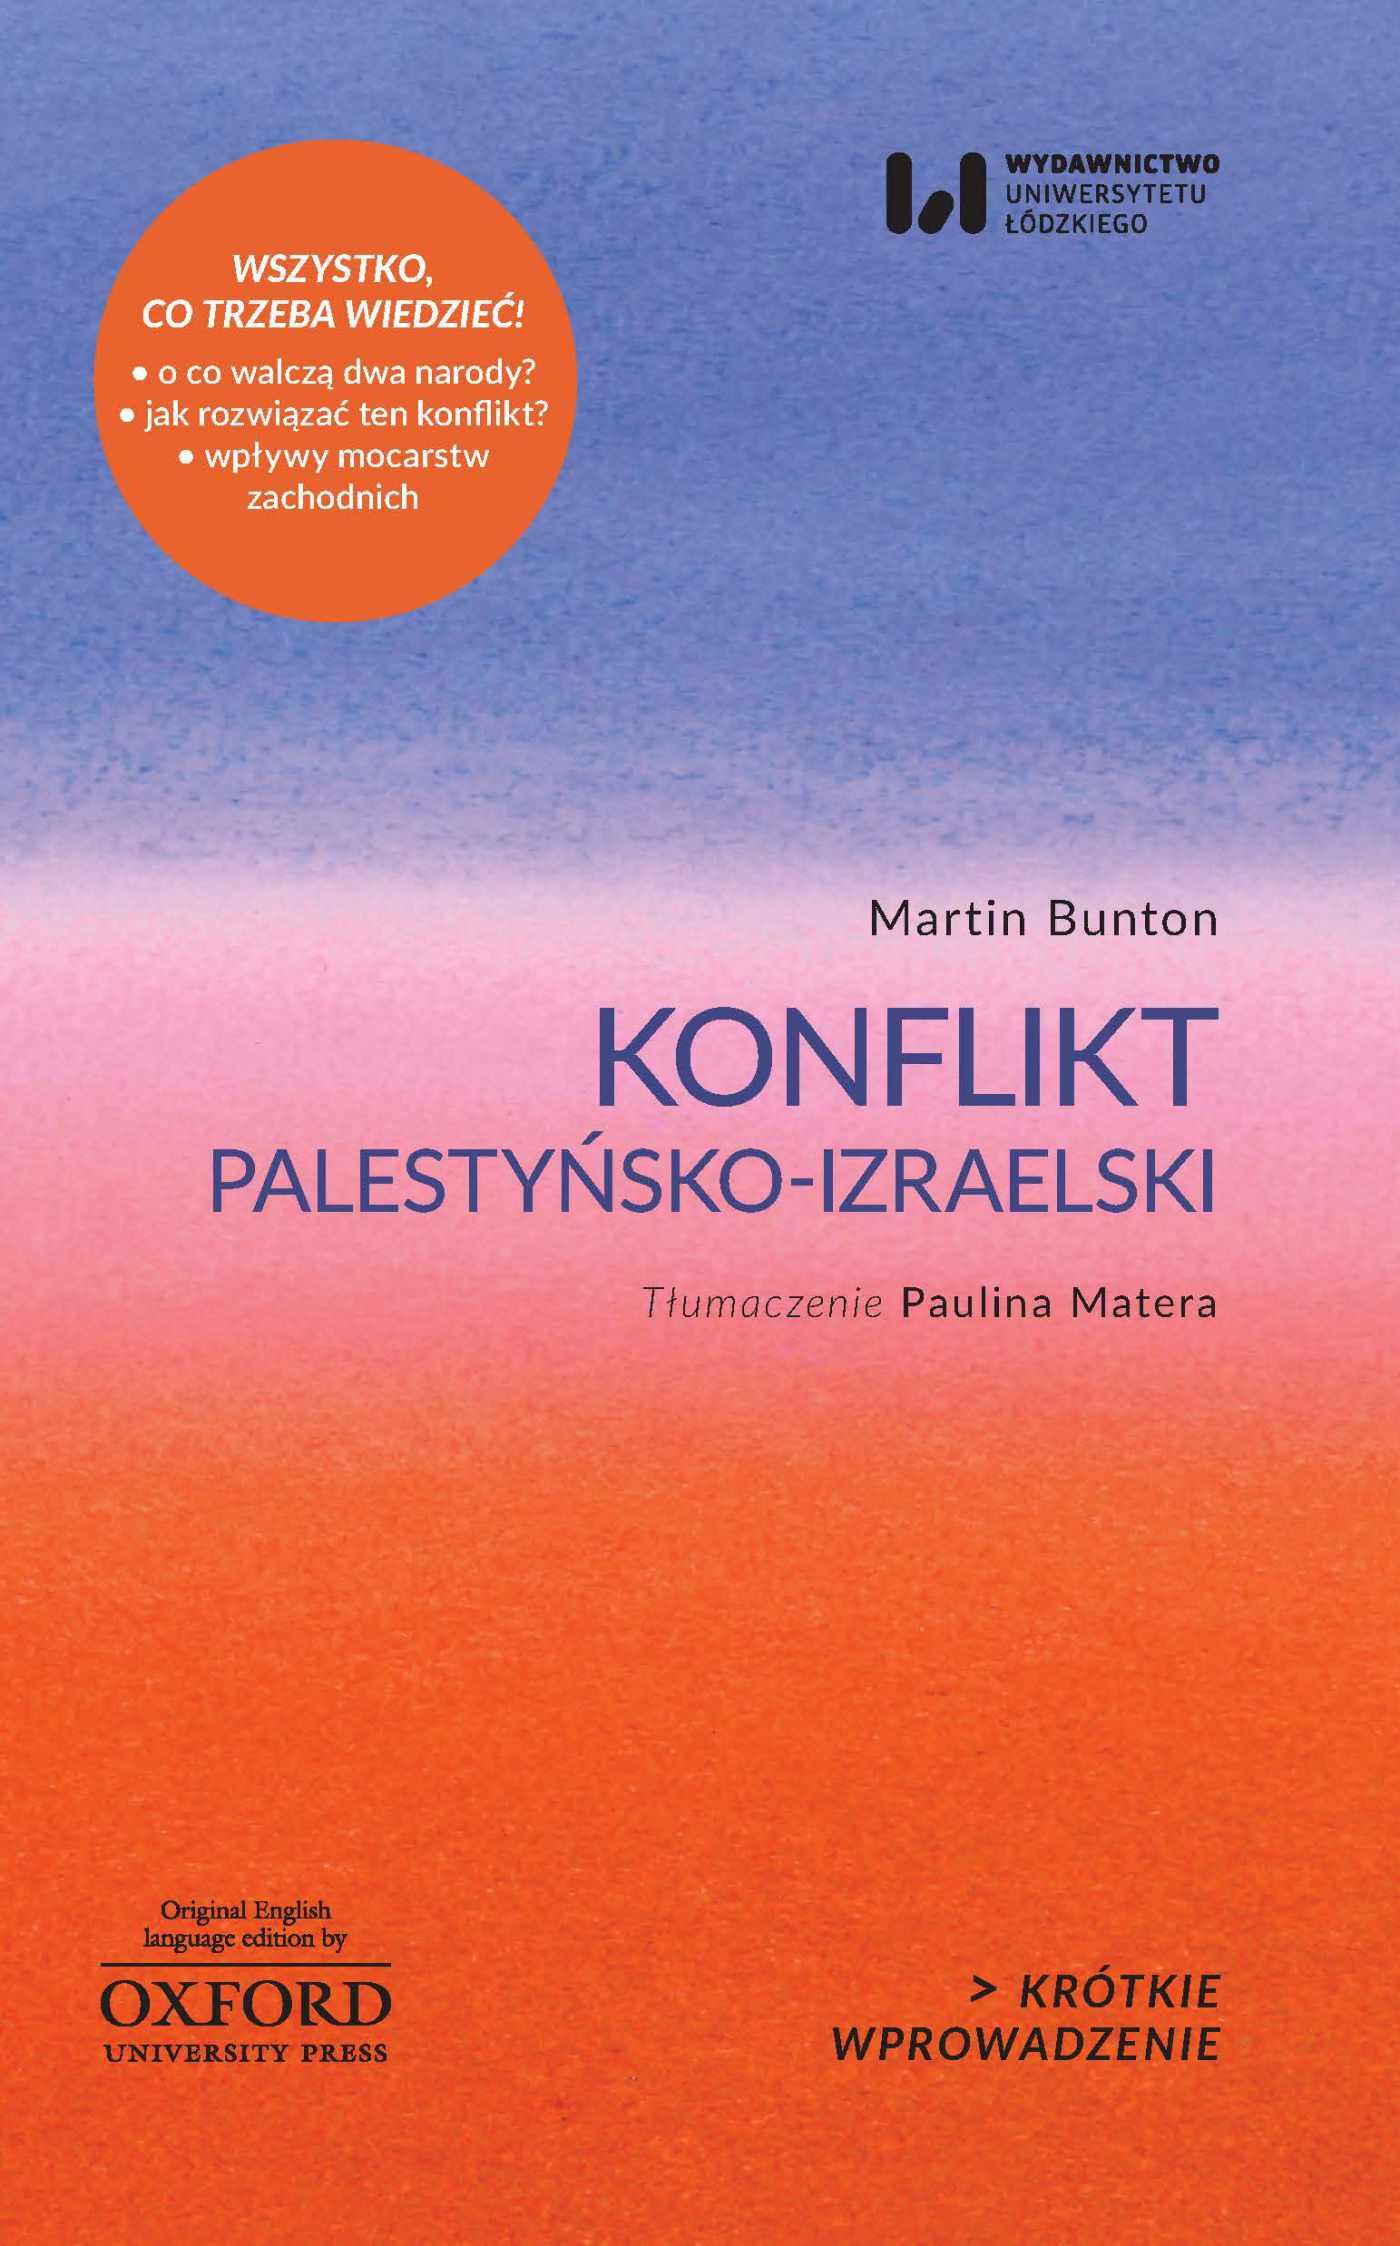 Konflikt palestyńsko-izraelski. Krótkie Wprowadzenie 4 - Ebook (Książka PDF) do pobrania w formacie PDF